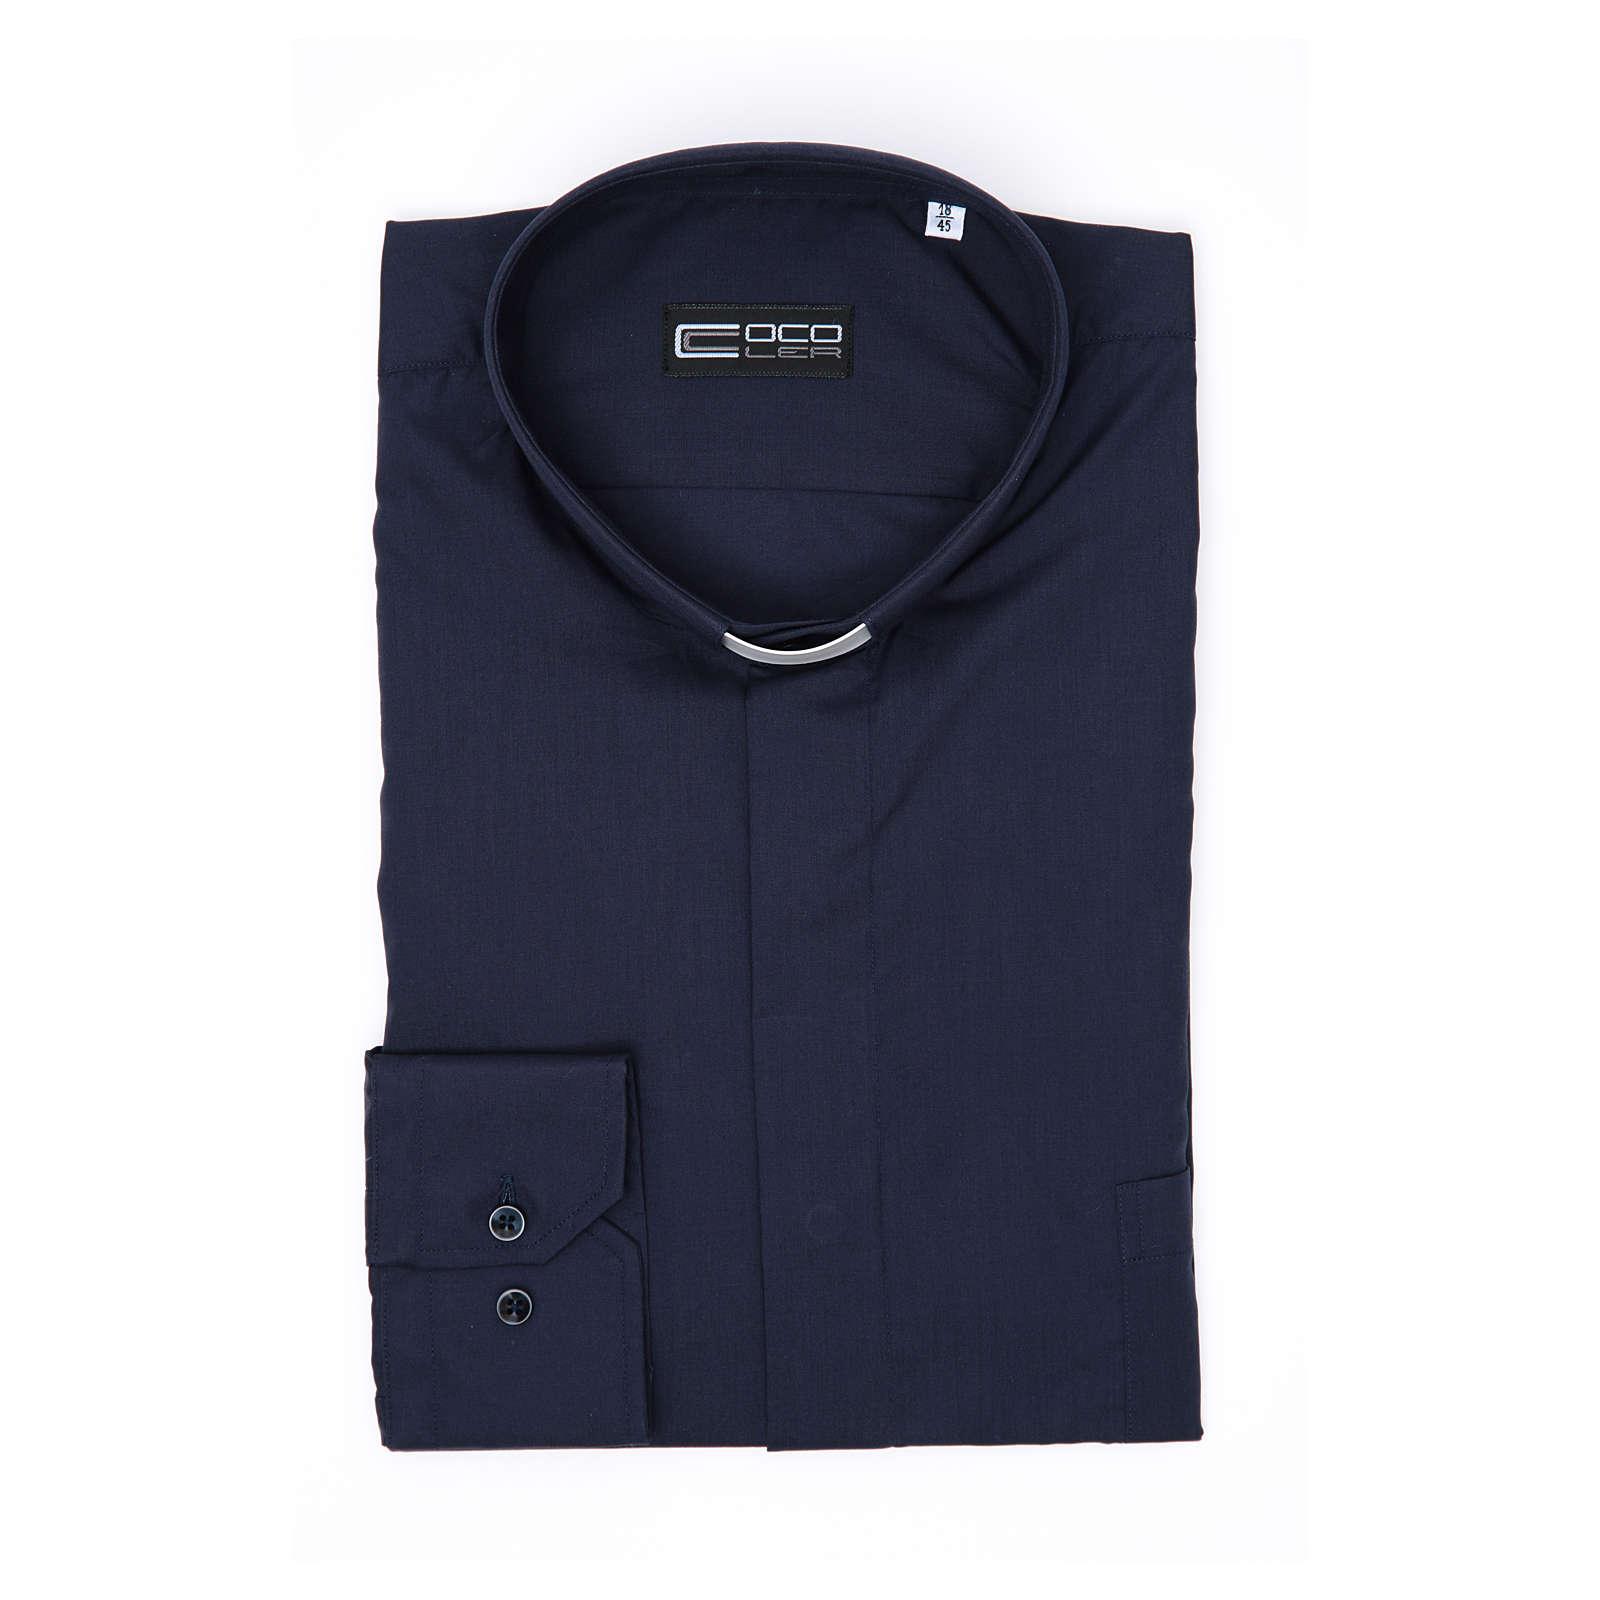 Koszula kapłańska długi rękaw, bawełna mieszana niebieska  oUsEj